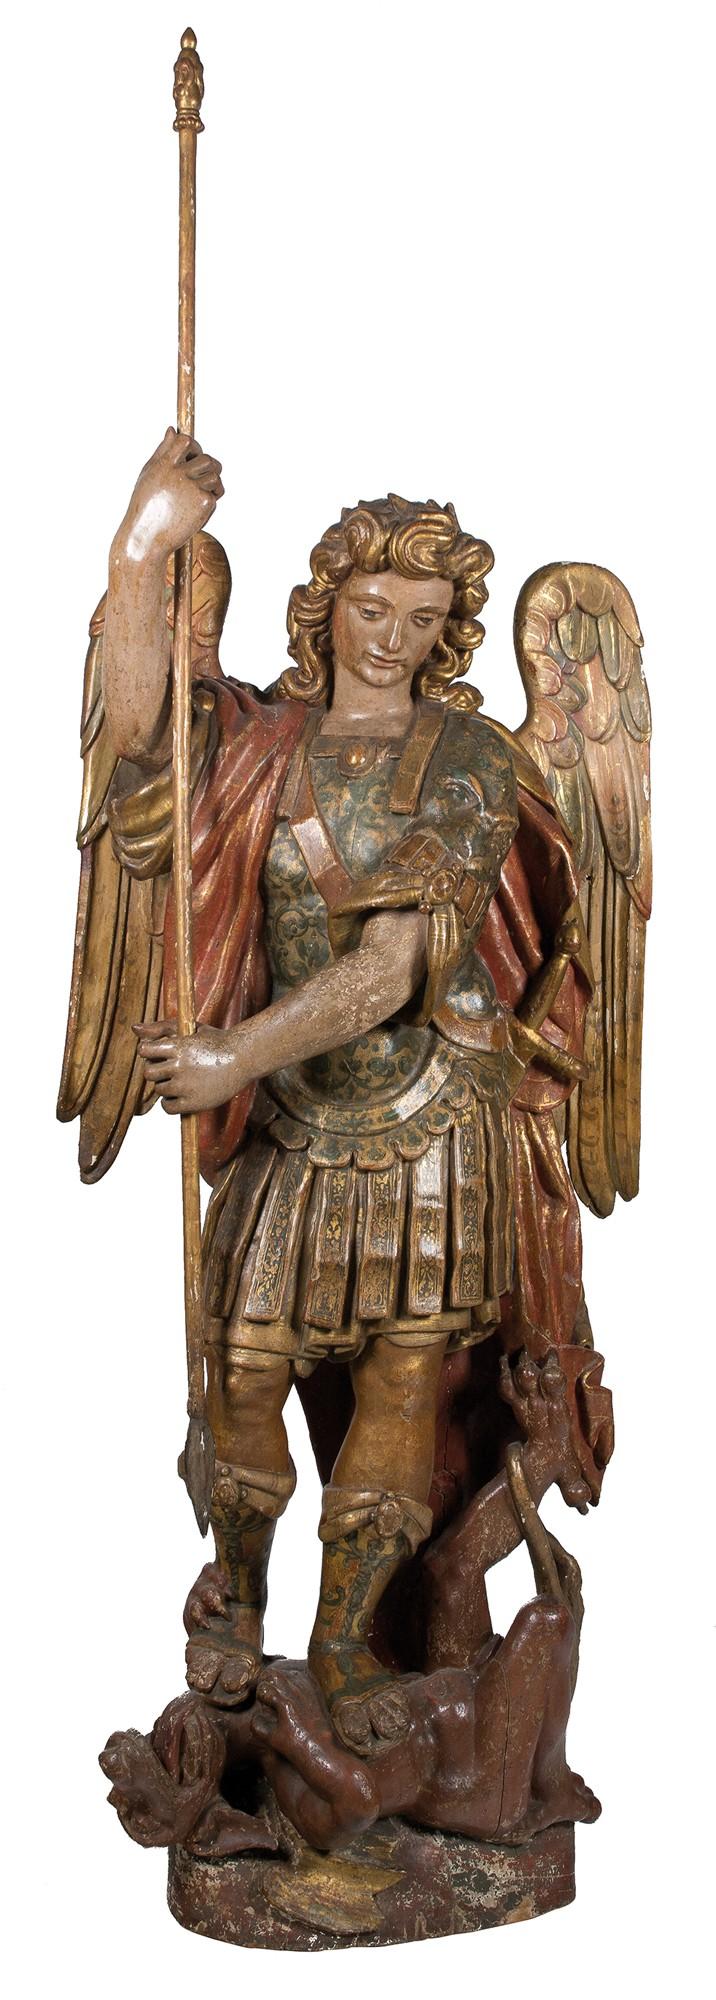 fl028_01 San Miguel Arcángel. Escultura en madera tallada, policromada y dorada. Escuela Vasco -Navarra. Principios del siglo XVI.00